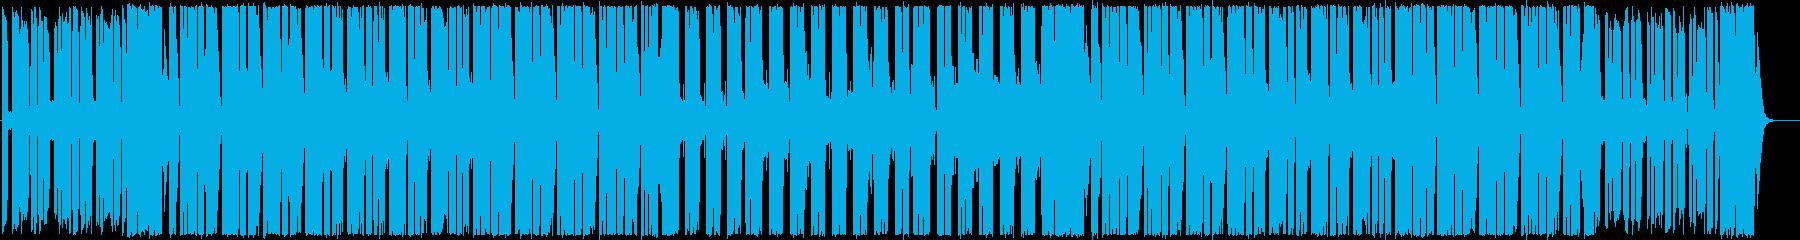 明るく都会的な80's風ディスコファンクの再生済みの波形